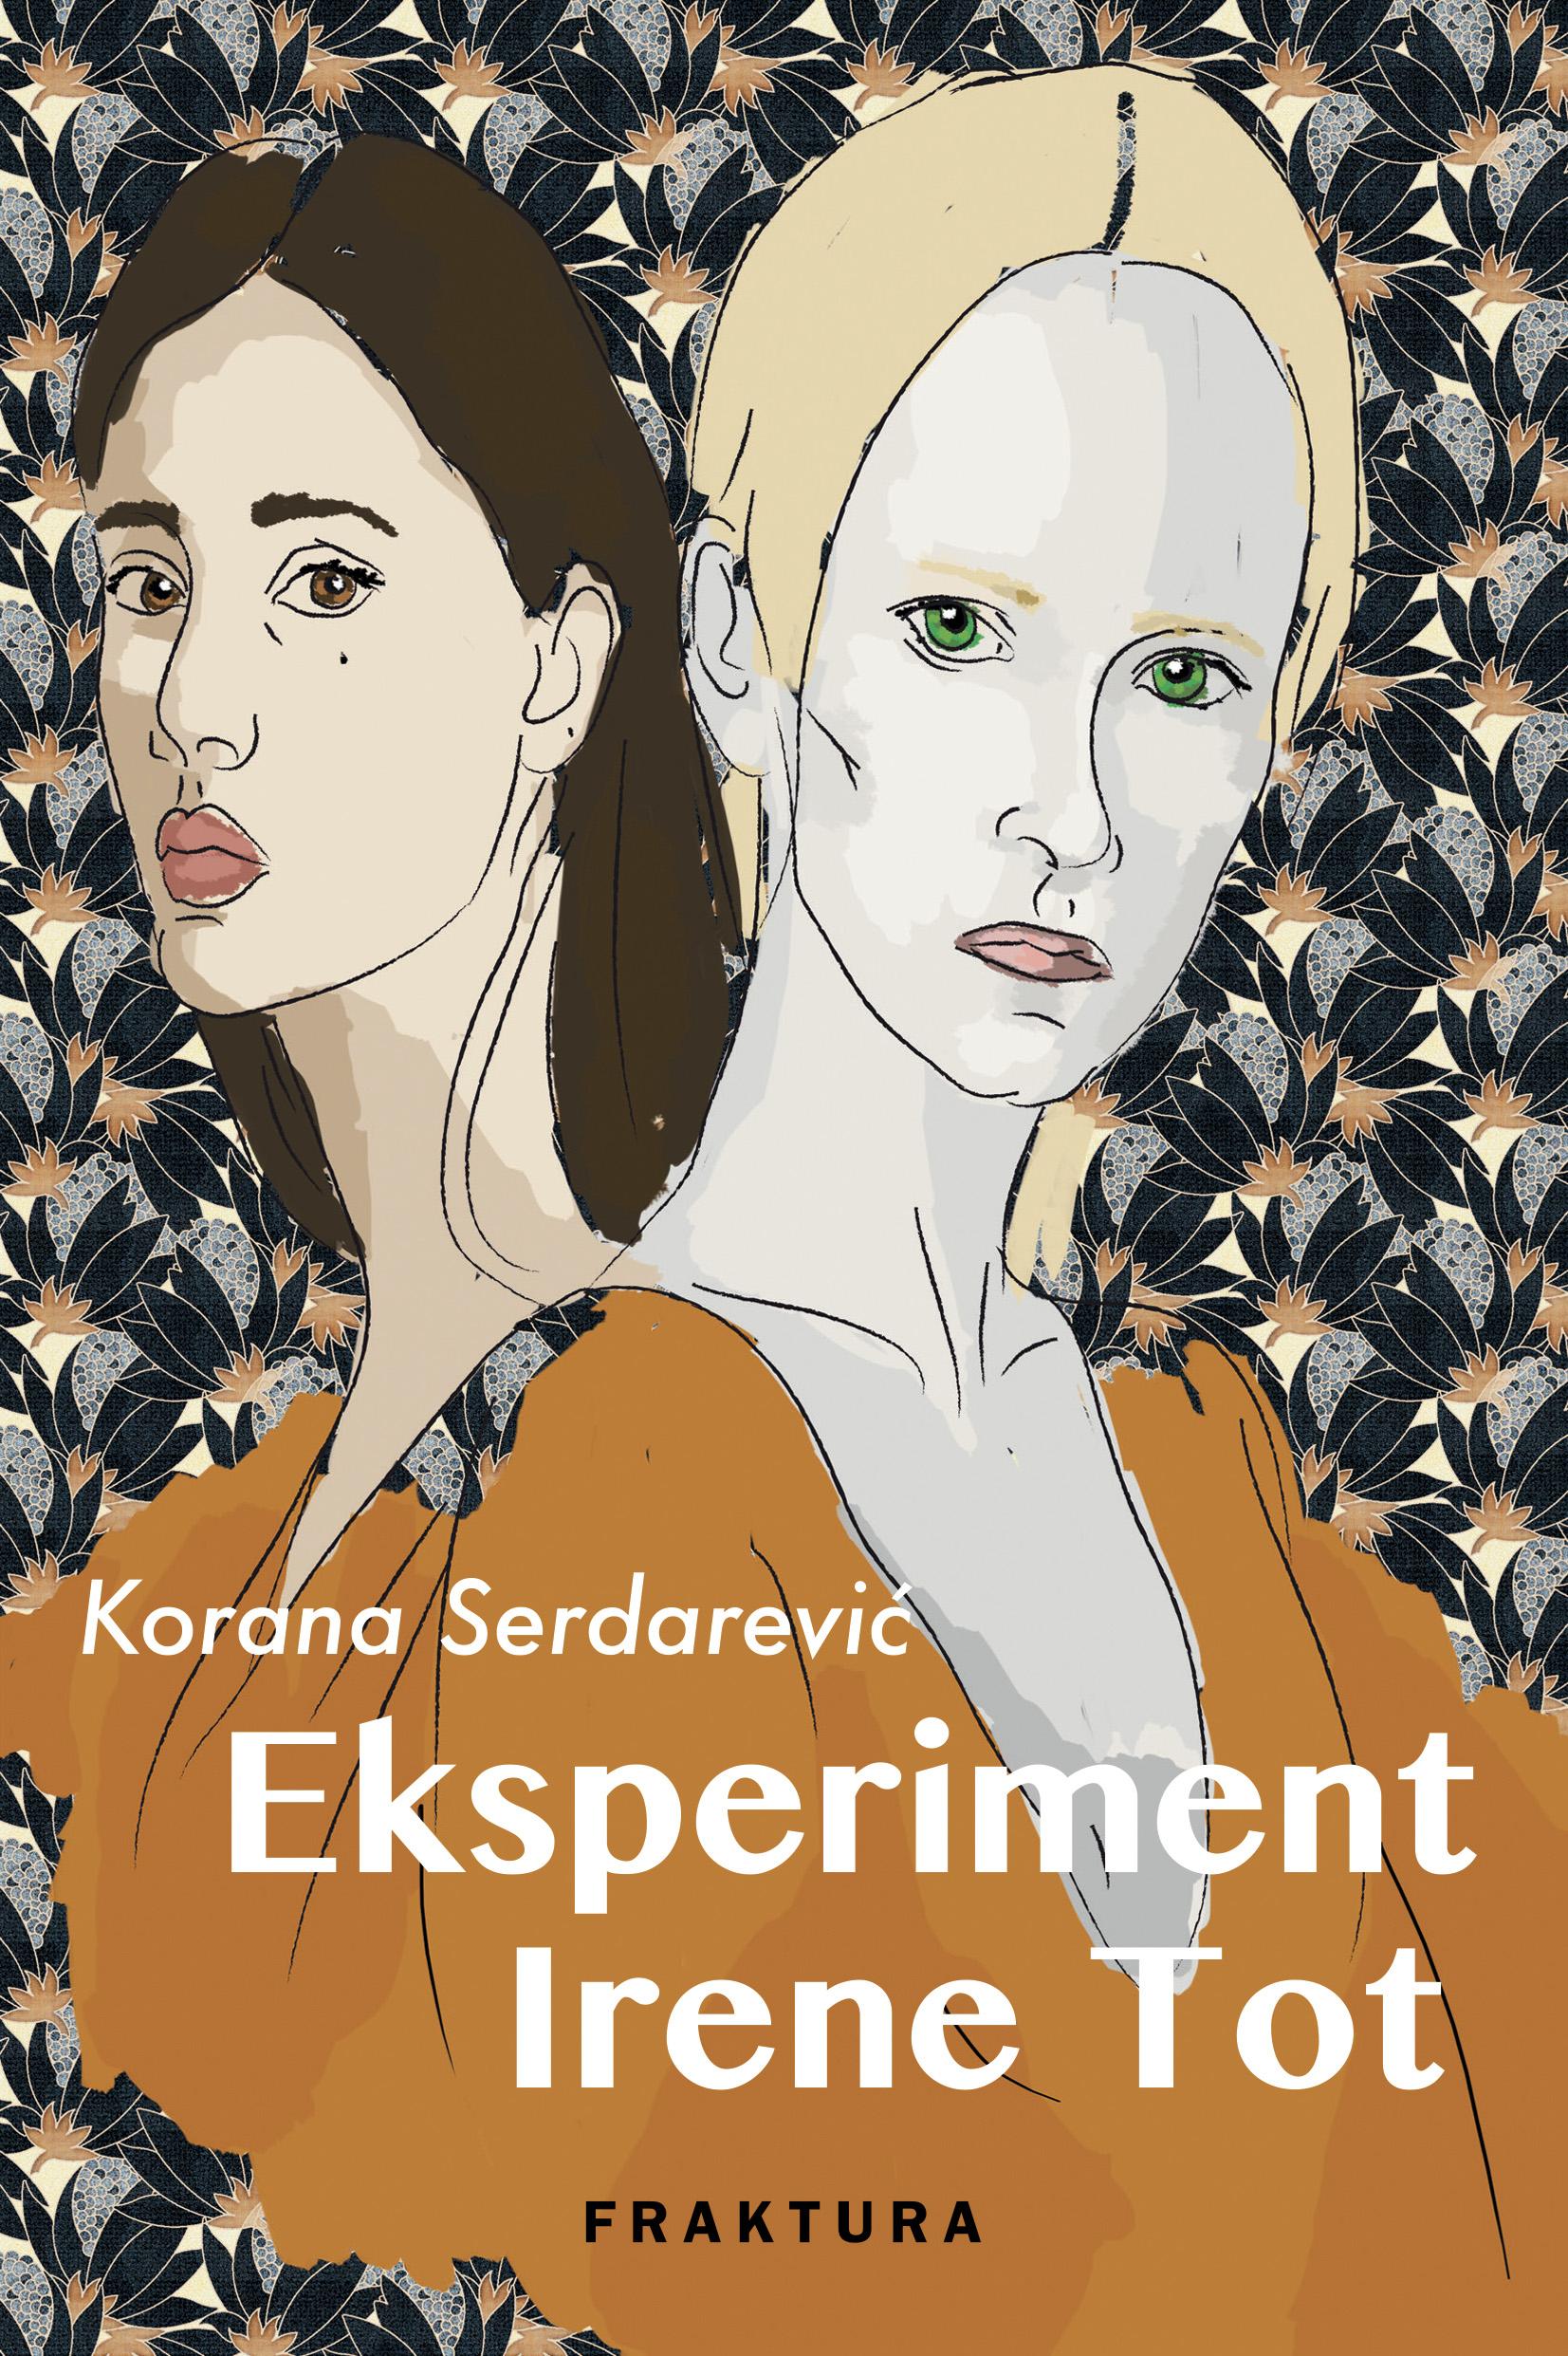 Književni susret s Koranom Serdarević u Koprivnici